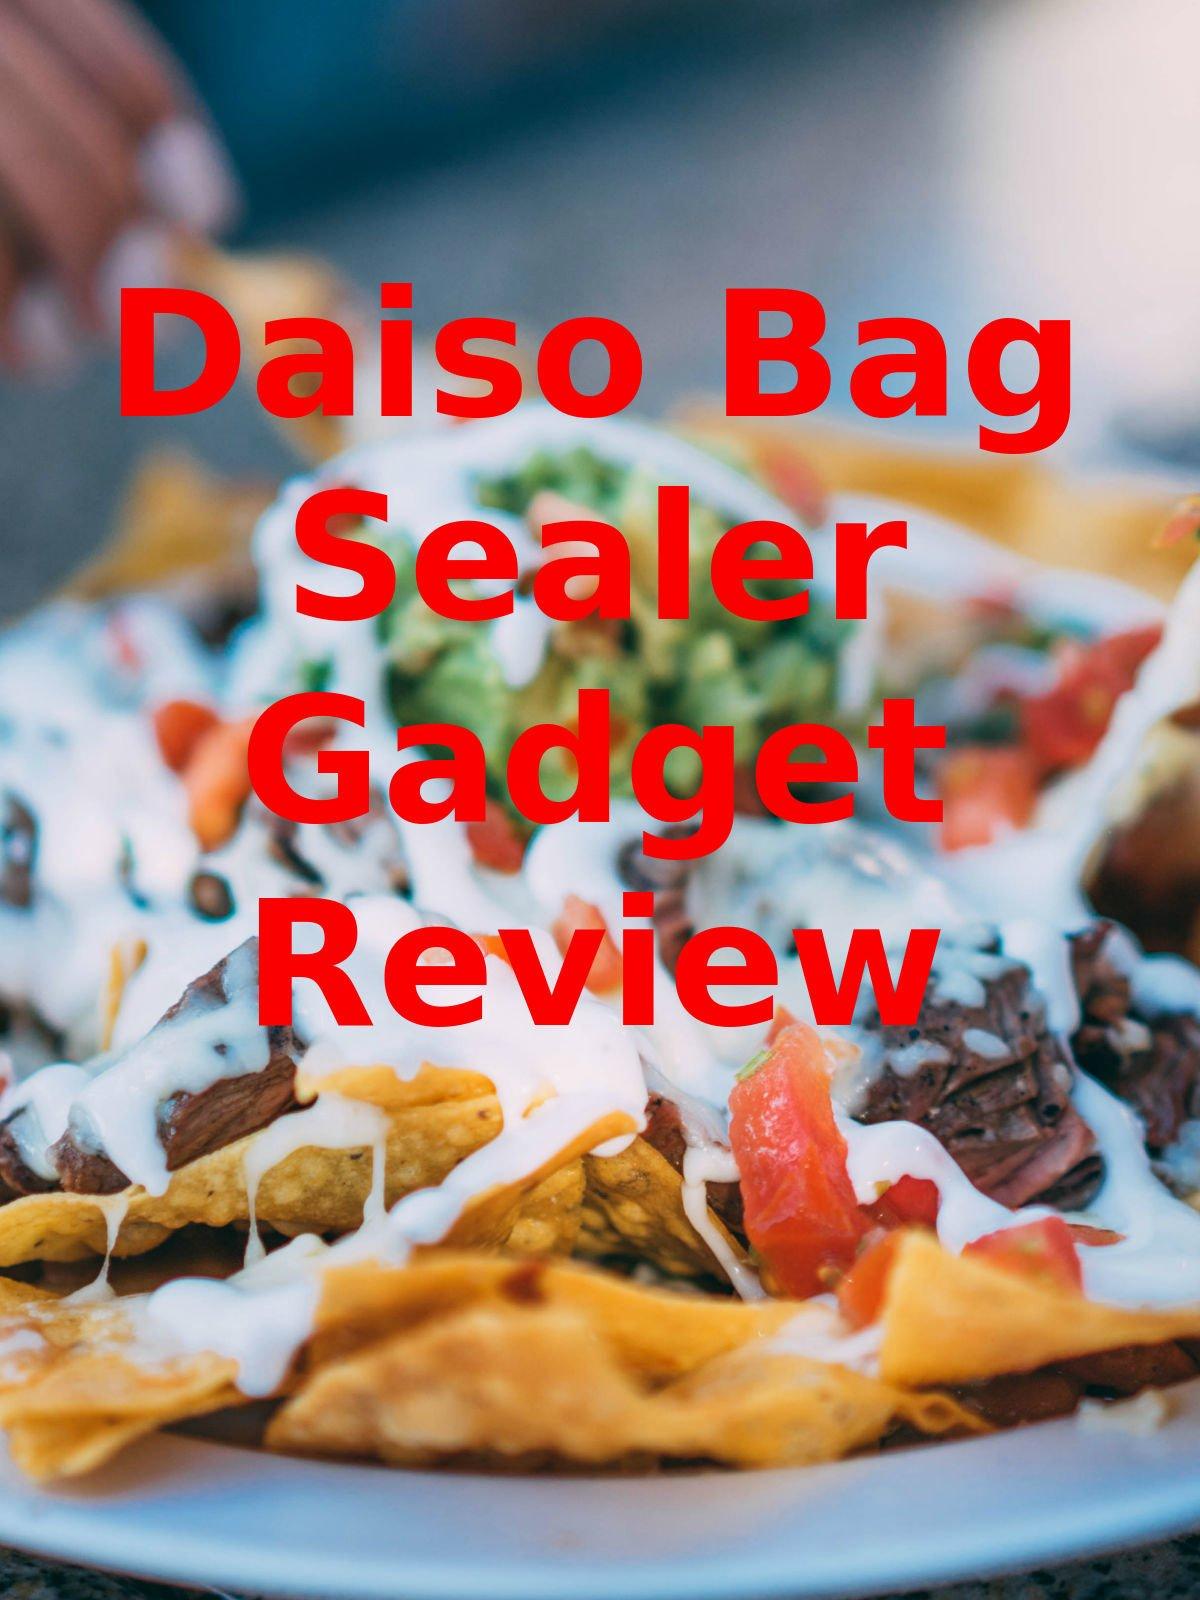 Review: Daiso Bag Sealer Gadget Review